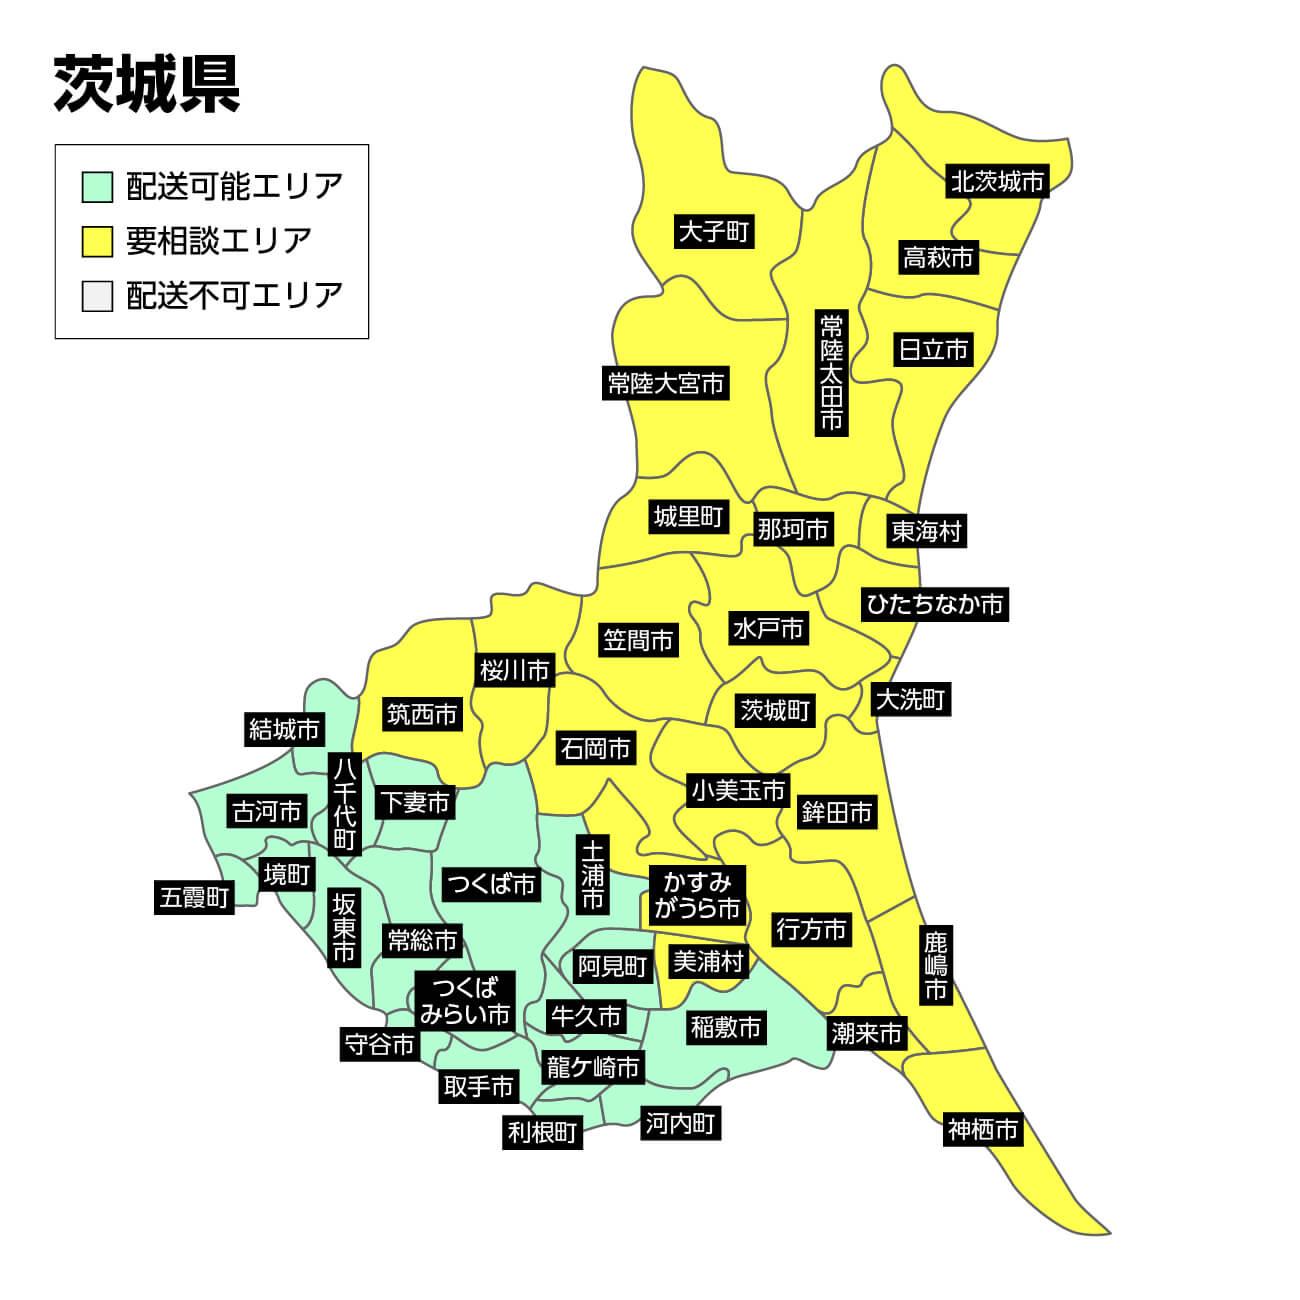 茨城県の集荷可能エリア